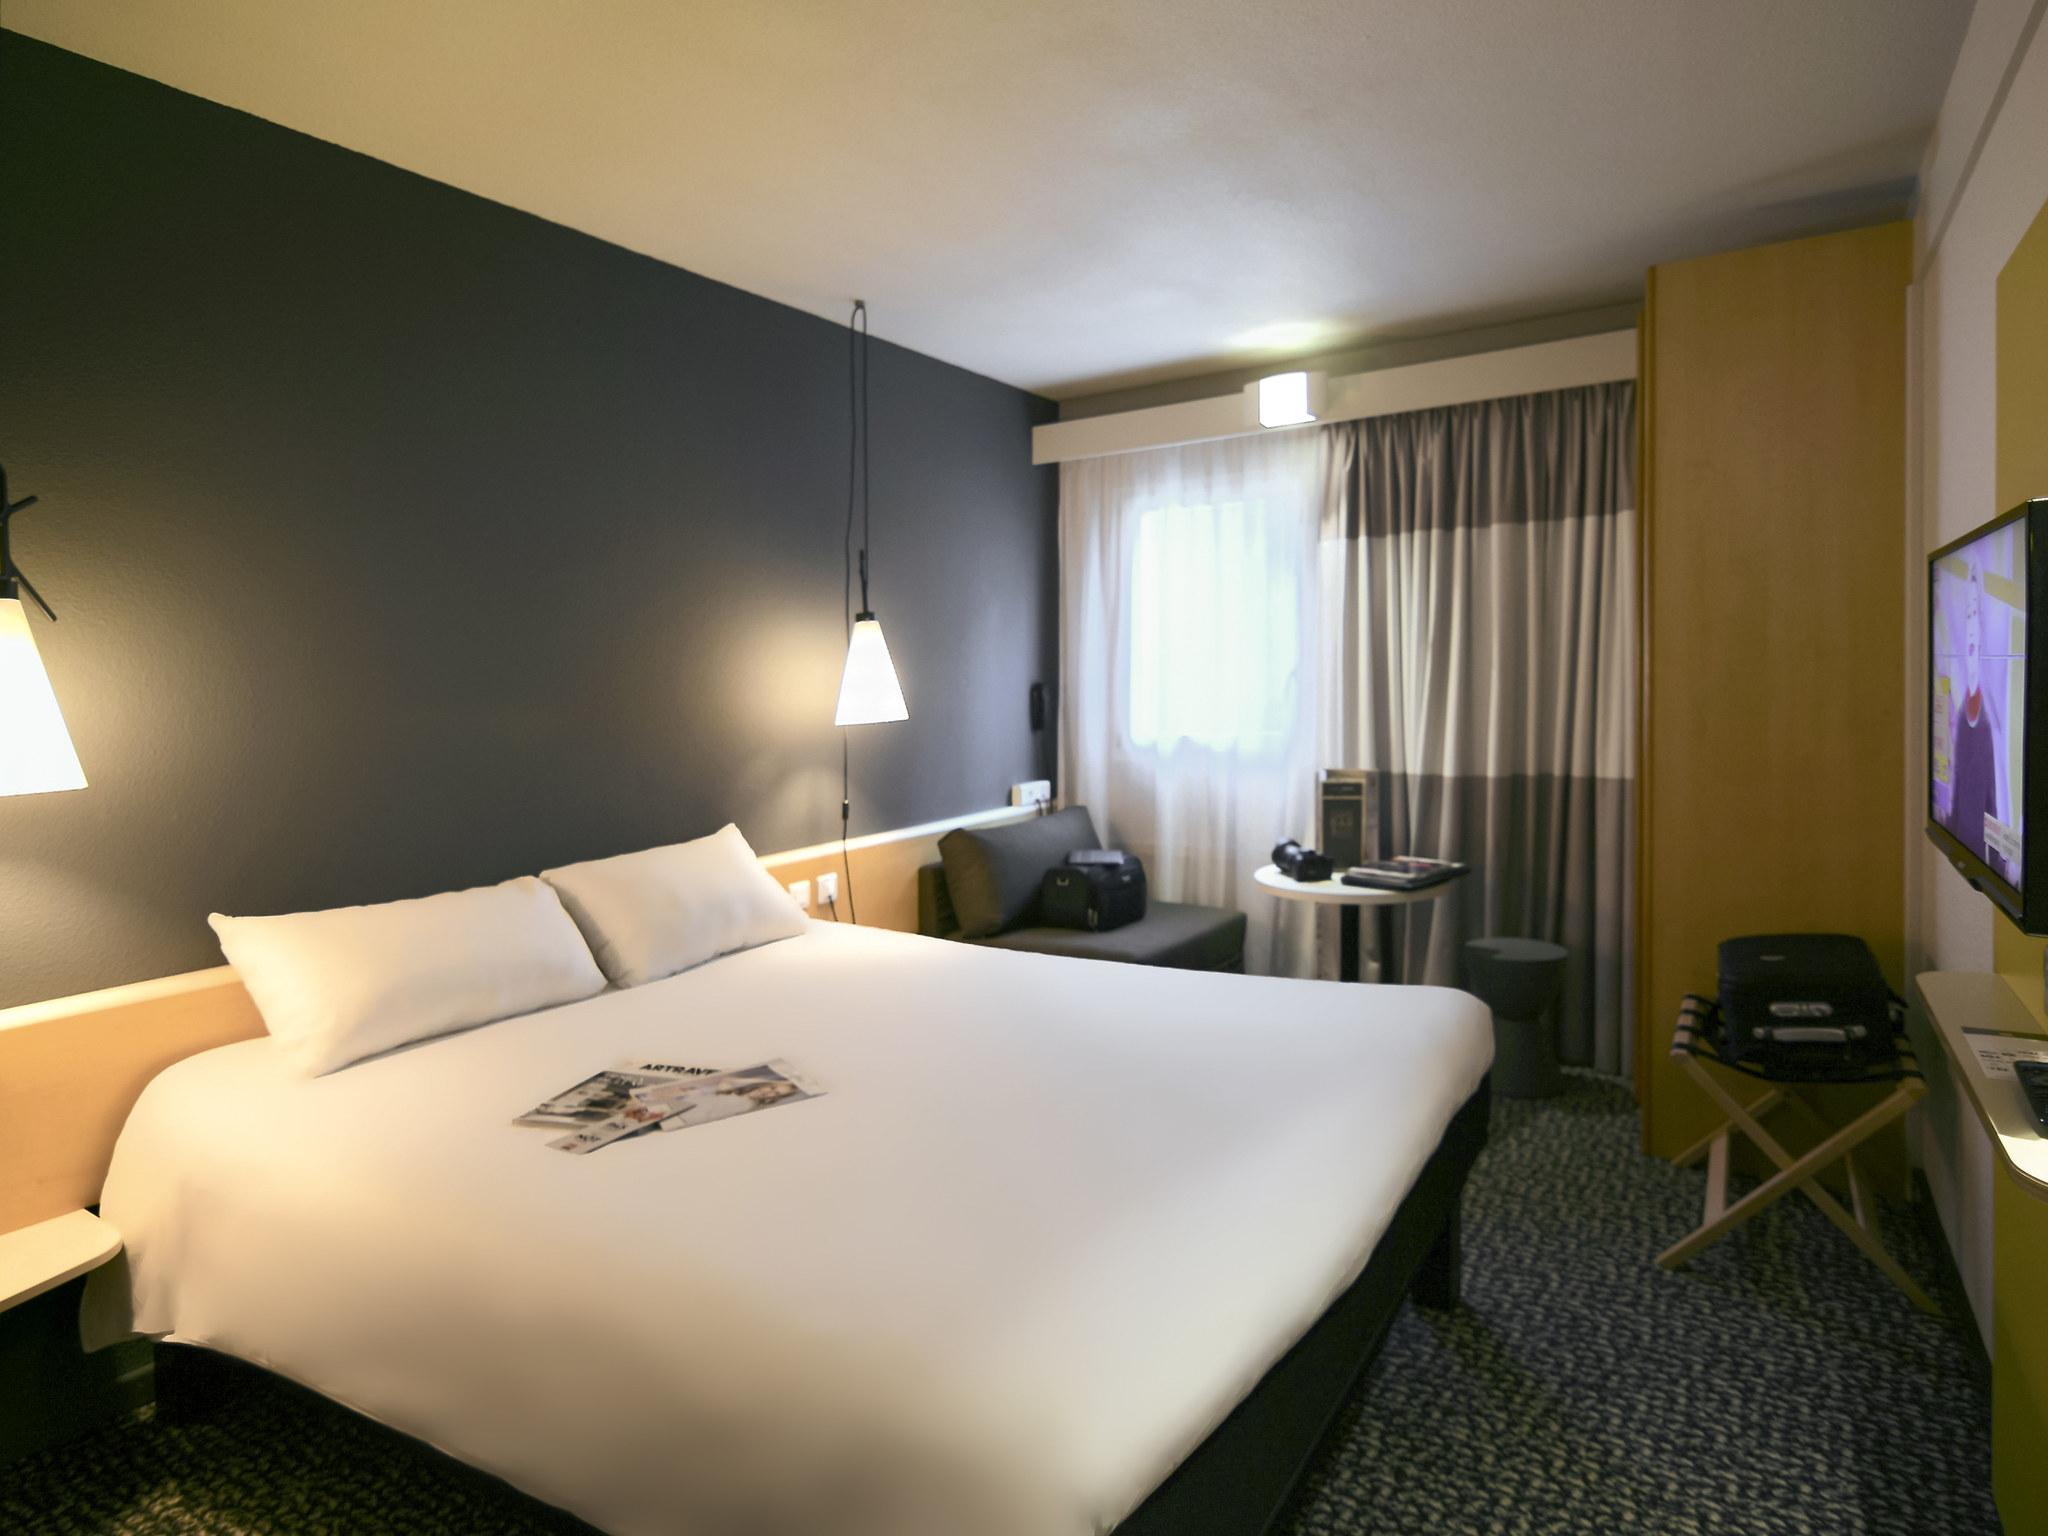 酒店 – 宜必思南特拉比乌约雷公园会展中心酒店